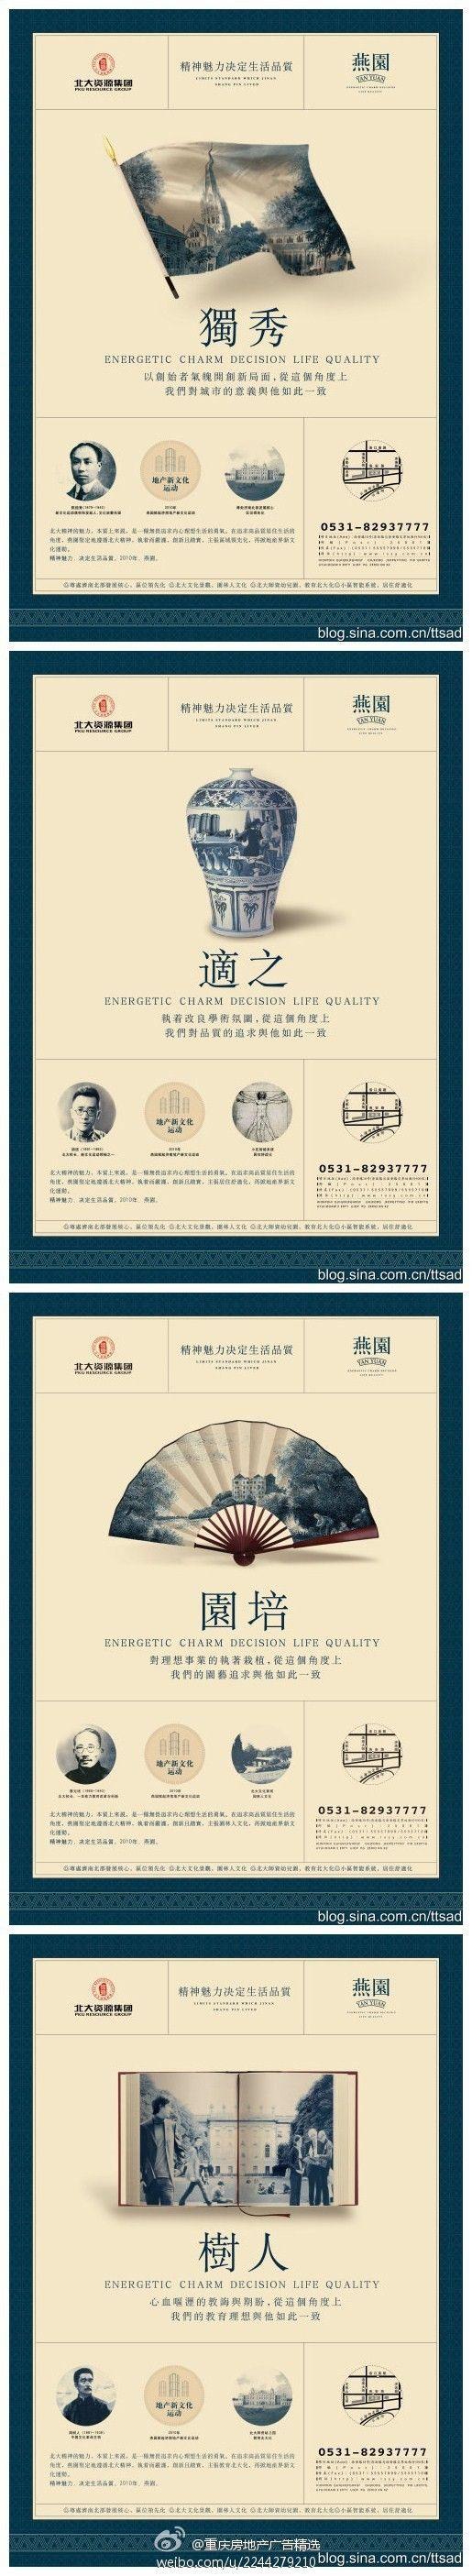 重庆房地产广告精选